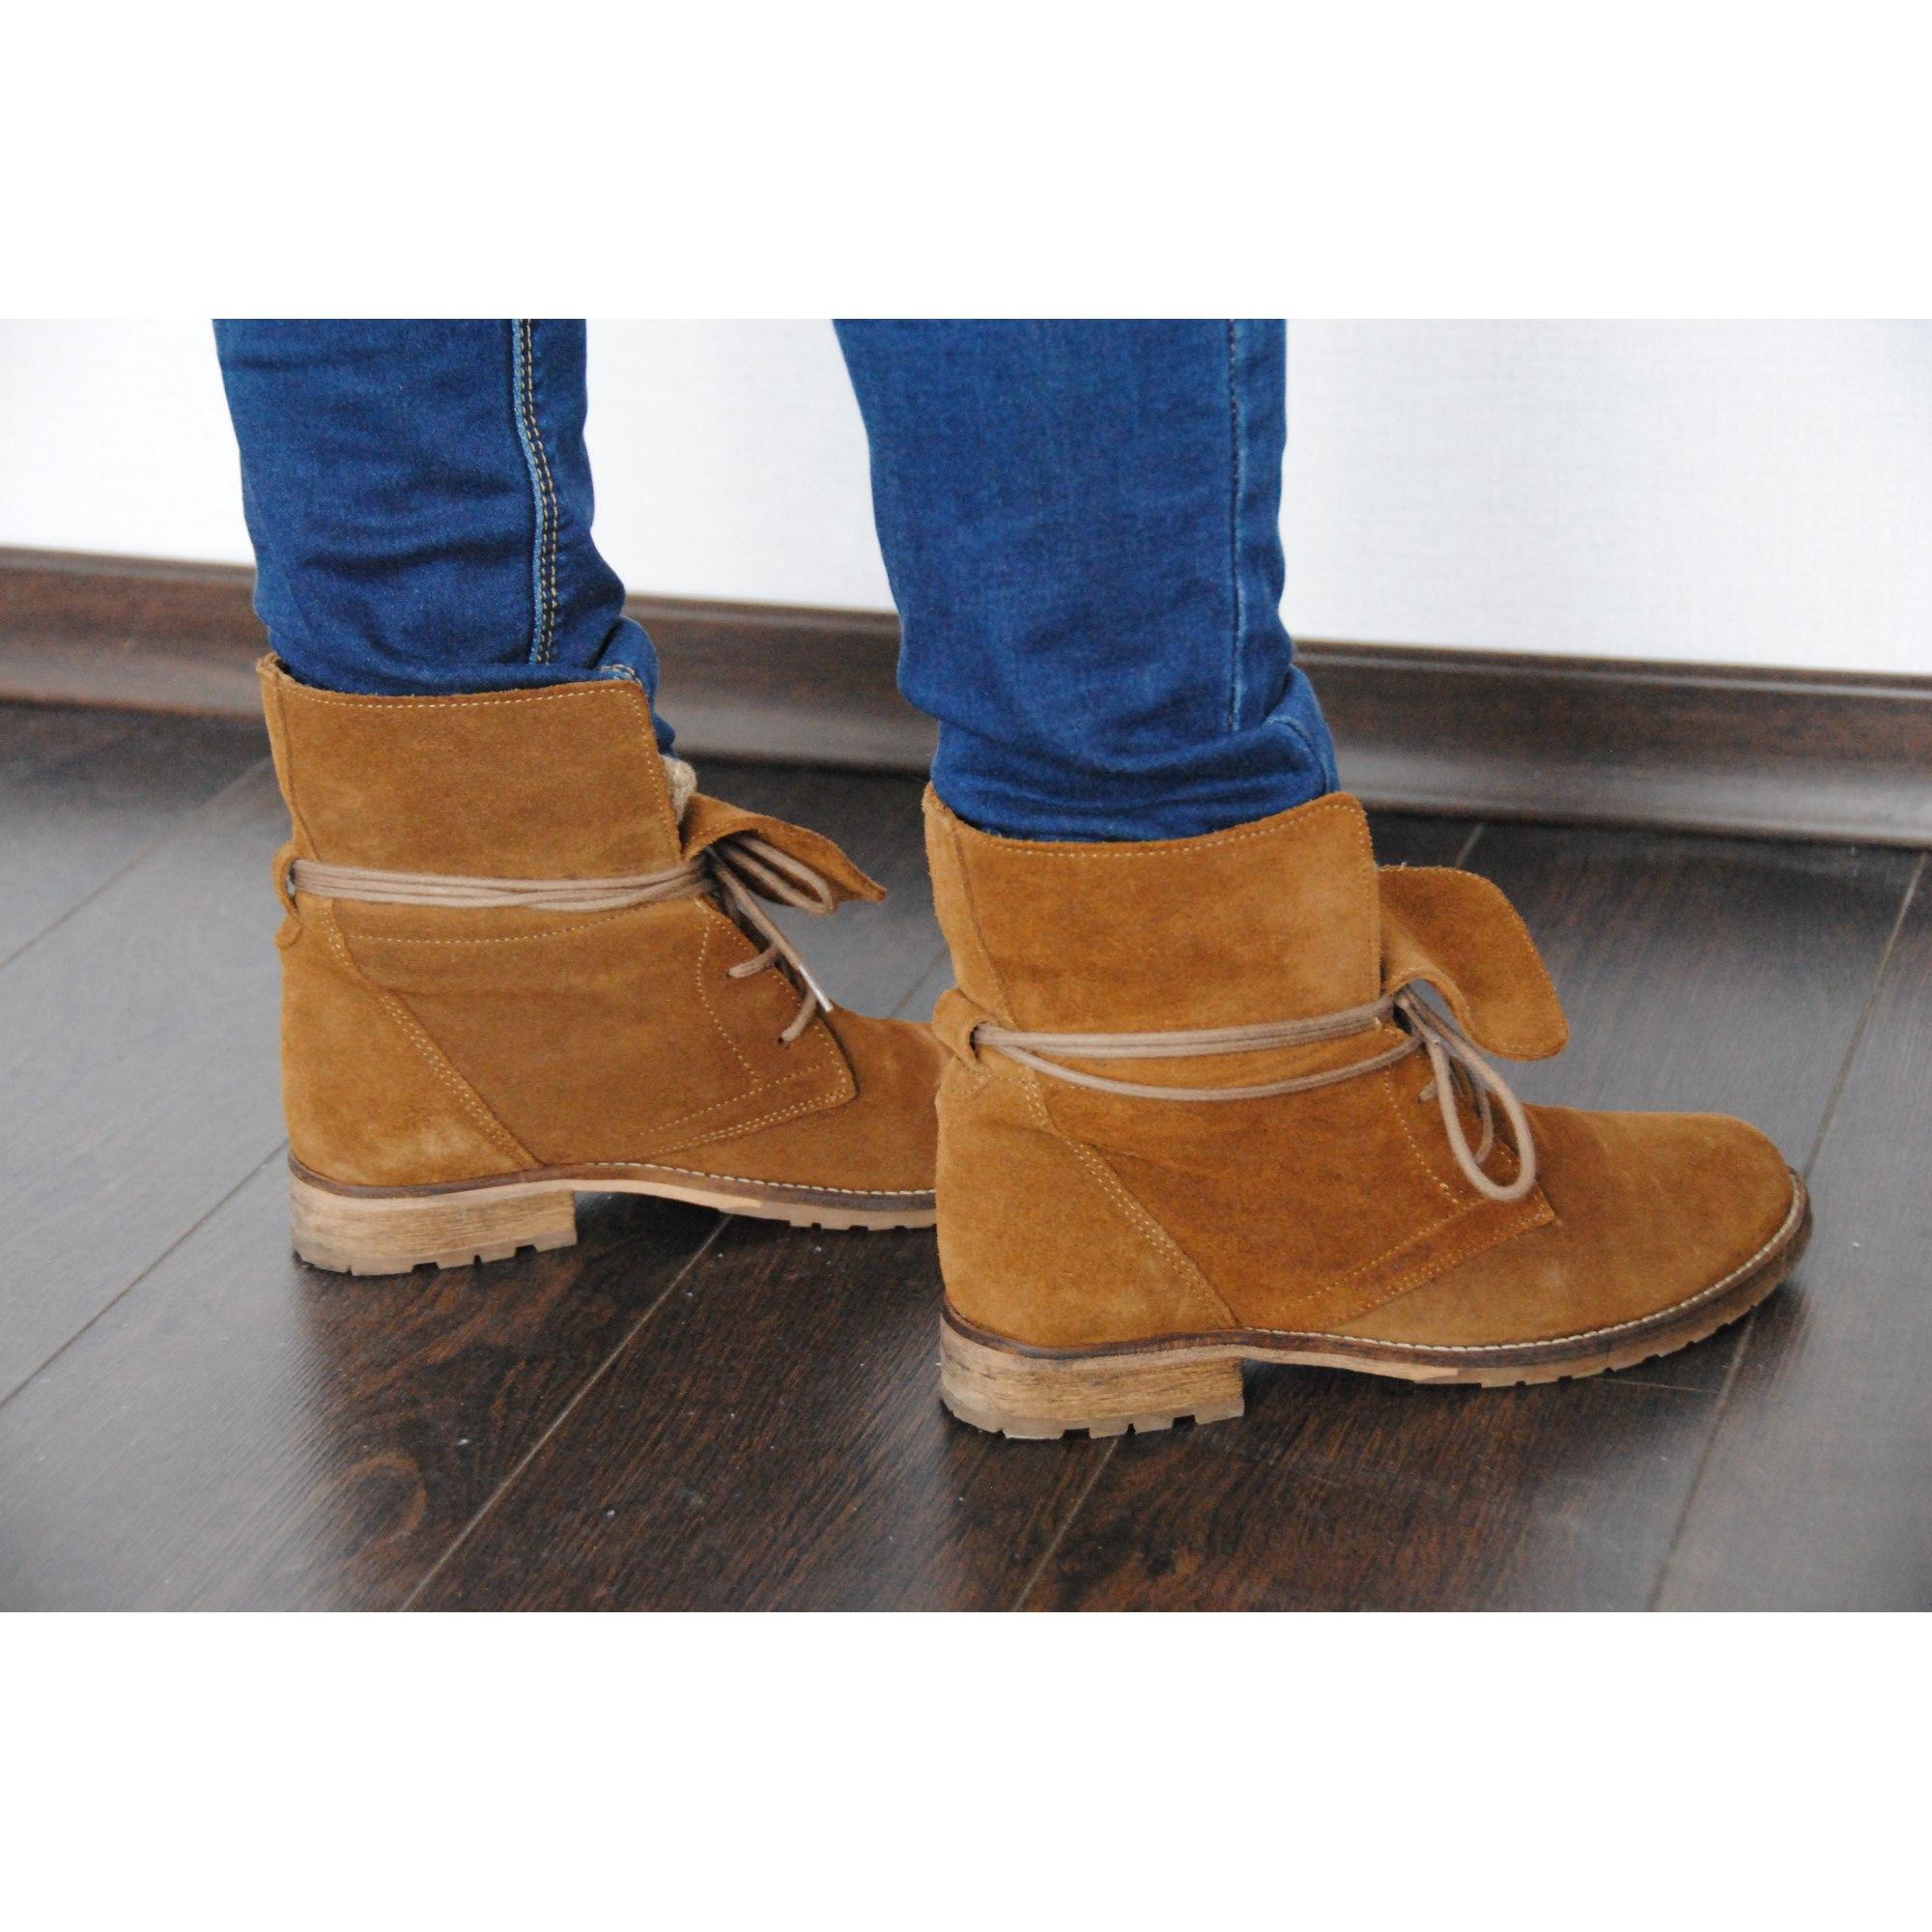 ac6e3586b94956 Chaussures à lacets ANDRÉ 37 marron - 7345786